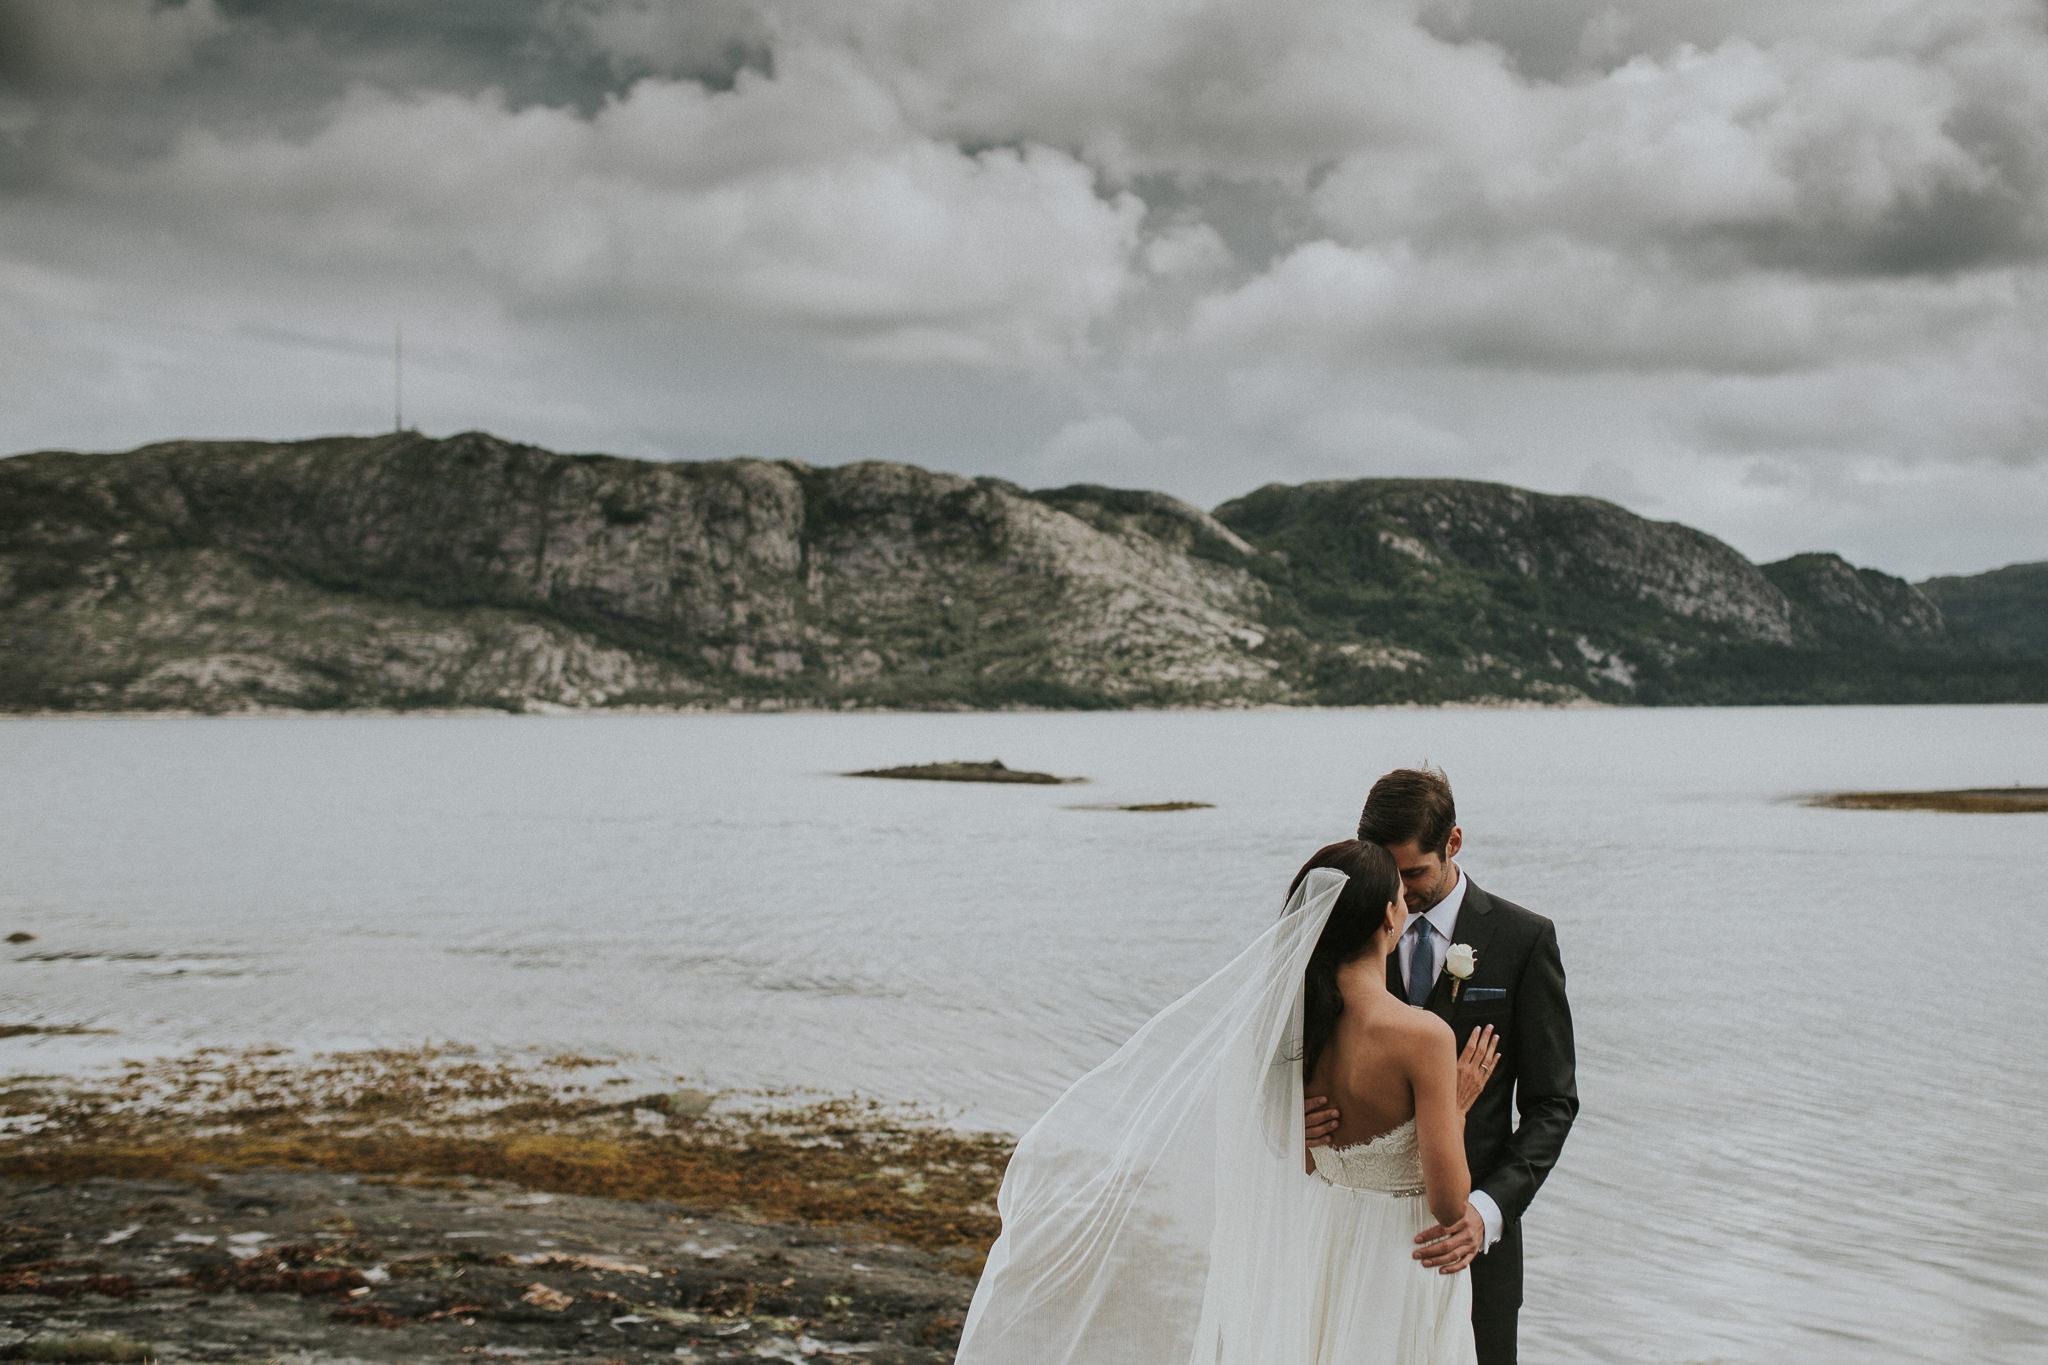 bryllupsbilde-blikkfangerne-fotograf-Tone-Tvedt04.jpg